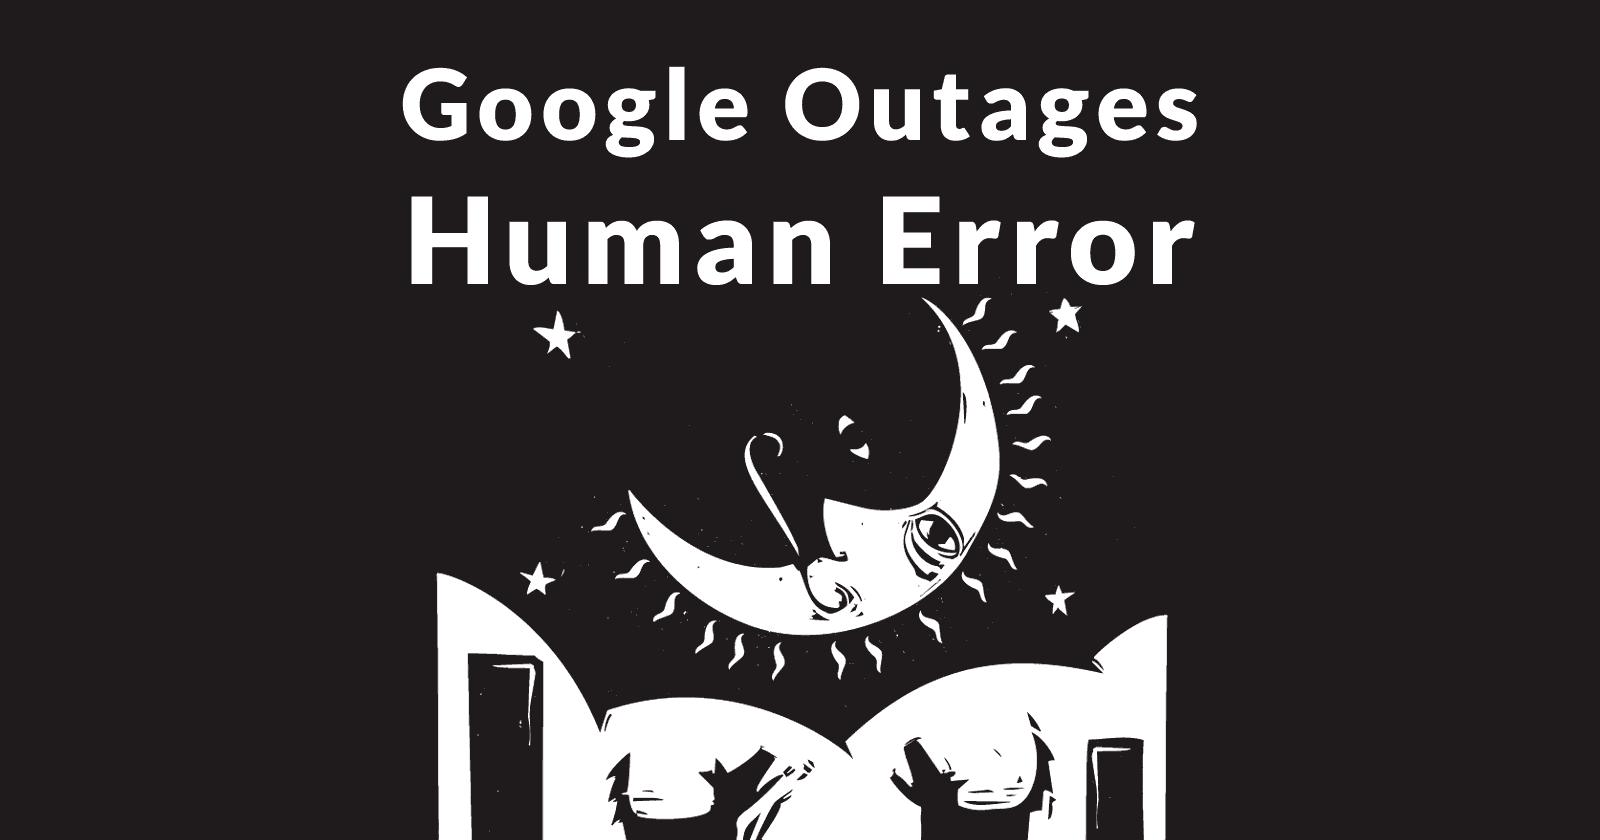 Avril 2019 Pannes Google dues à une erreur humaine